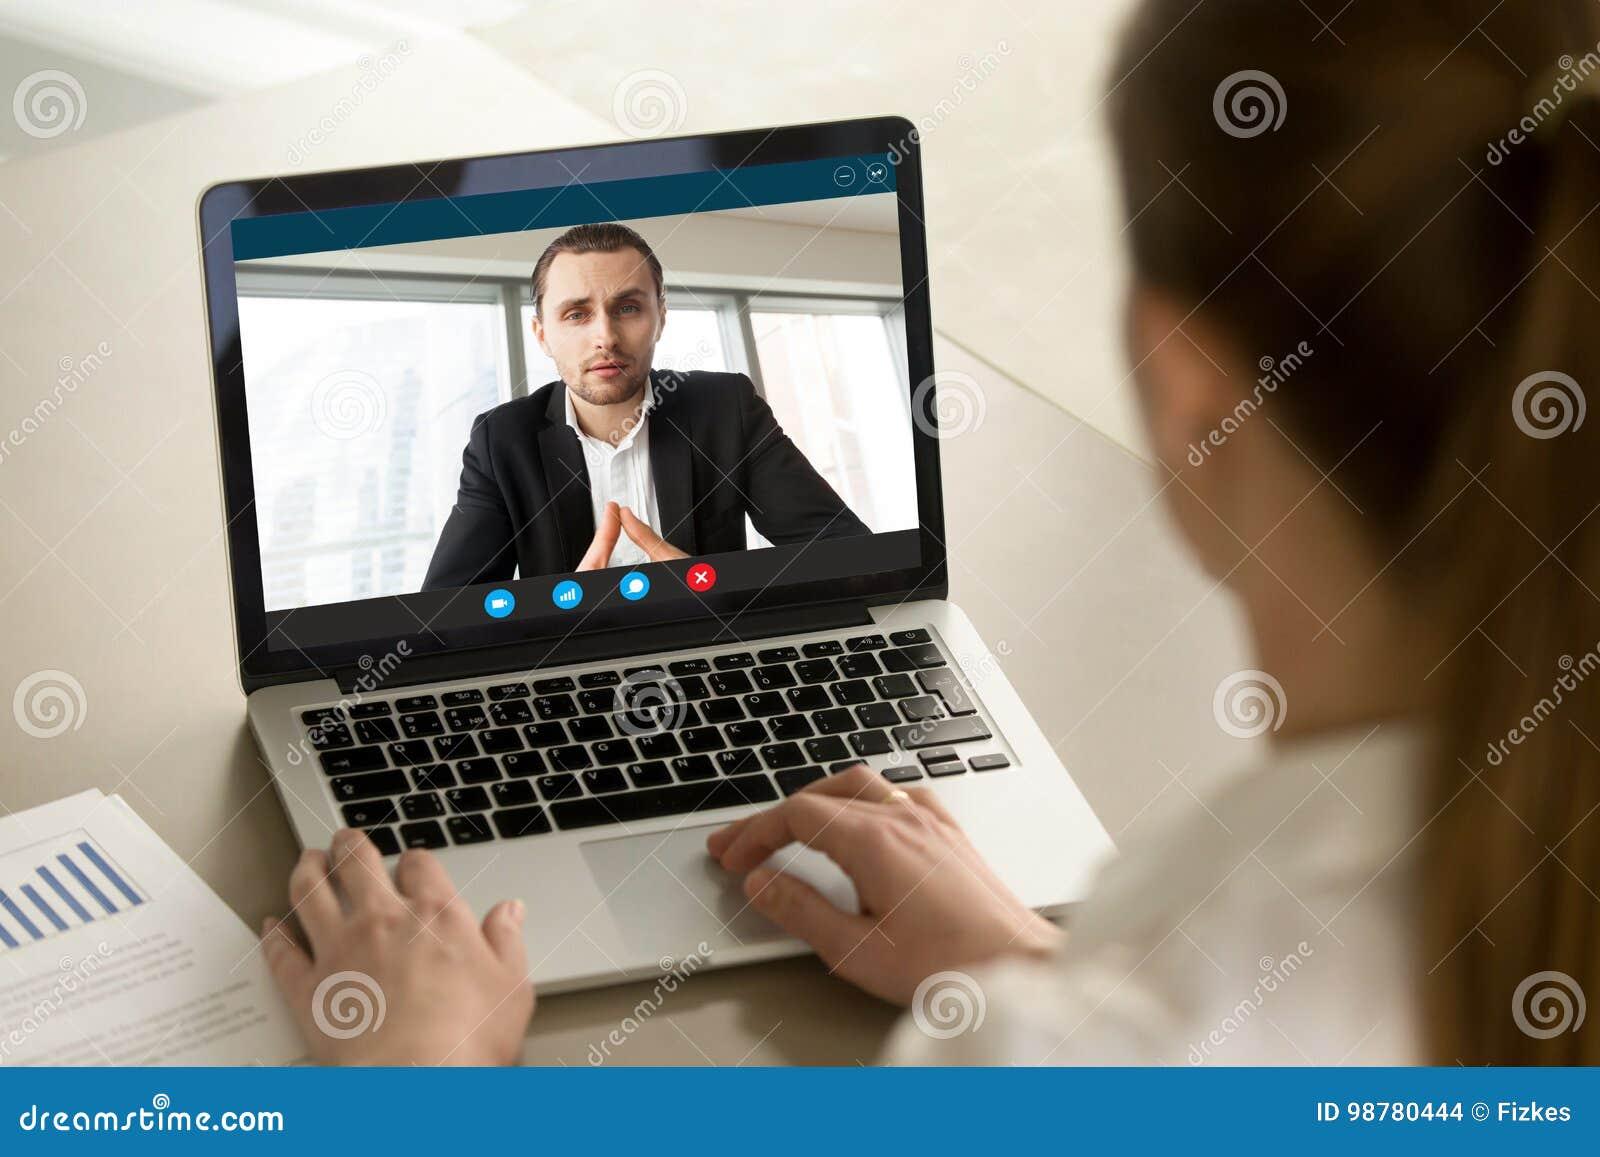 Επιχειρηματίας που καλεί τον επιχειρηματία σε απευθείας σύνδεση από το τηλεοπτικό PC app, γ συνομιλίας